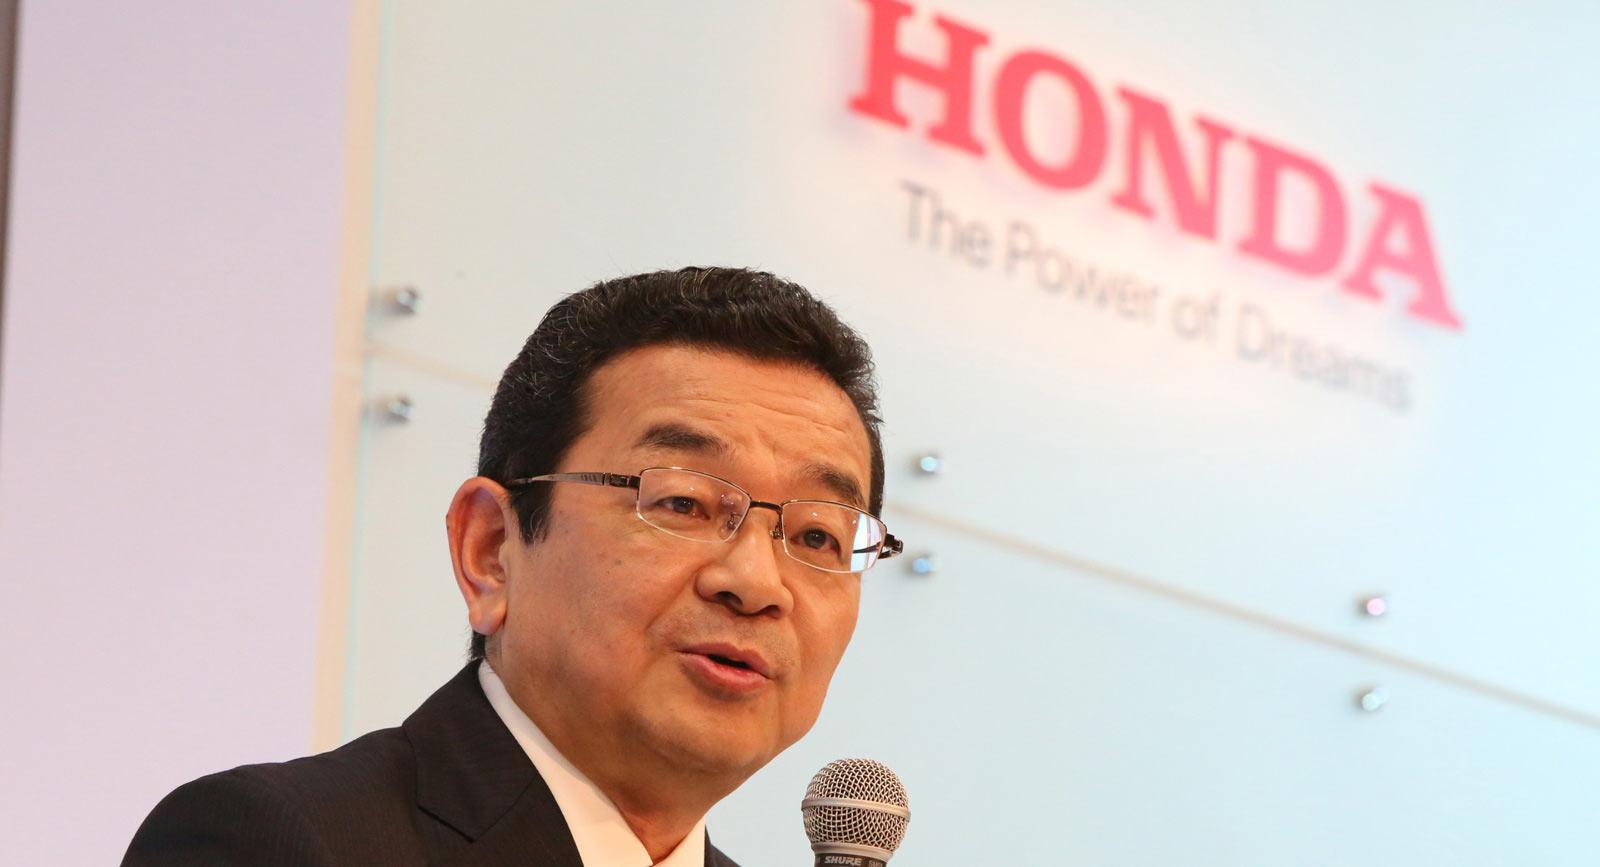 Chief Executive Officer Takahiro Hachigo